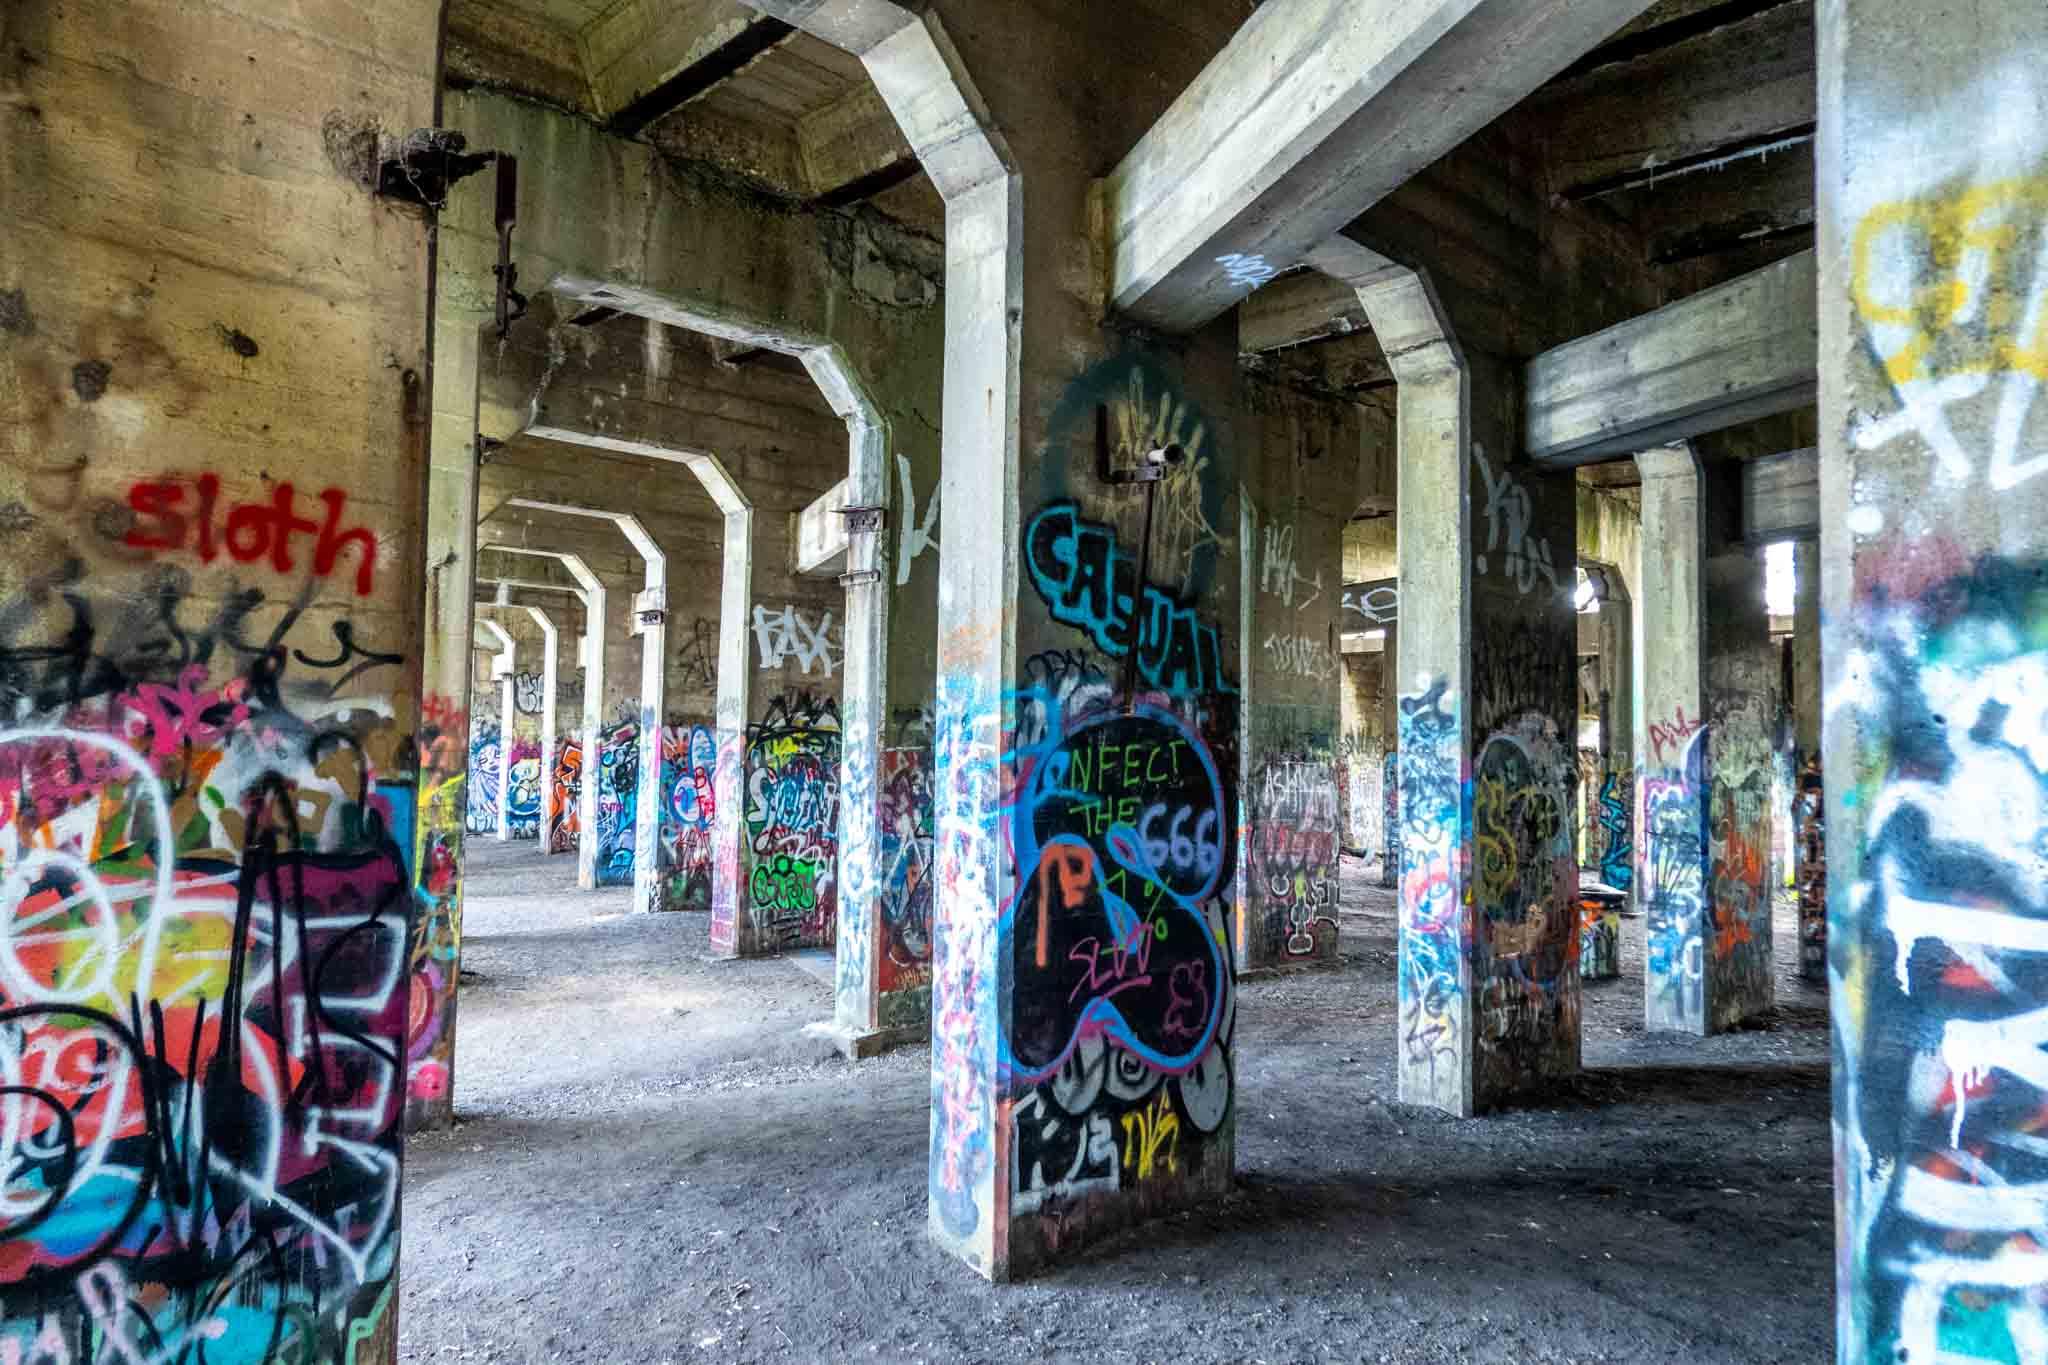 Graffiti on concrete columns